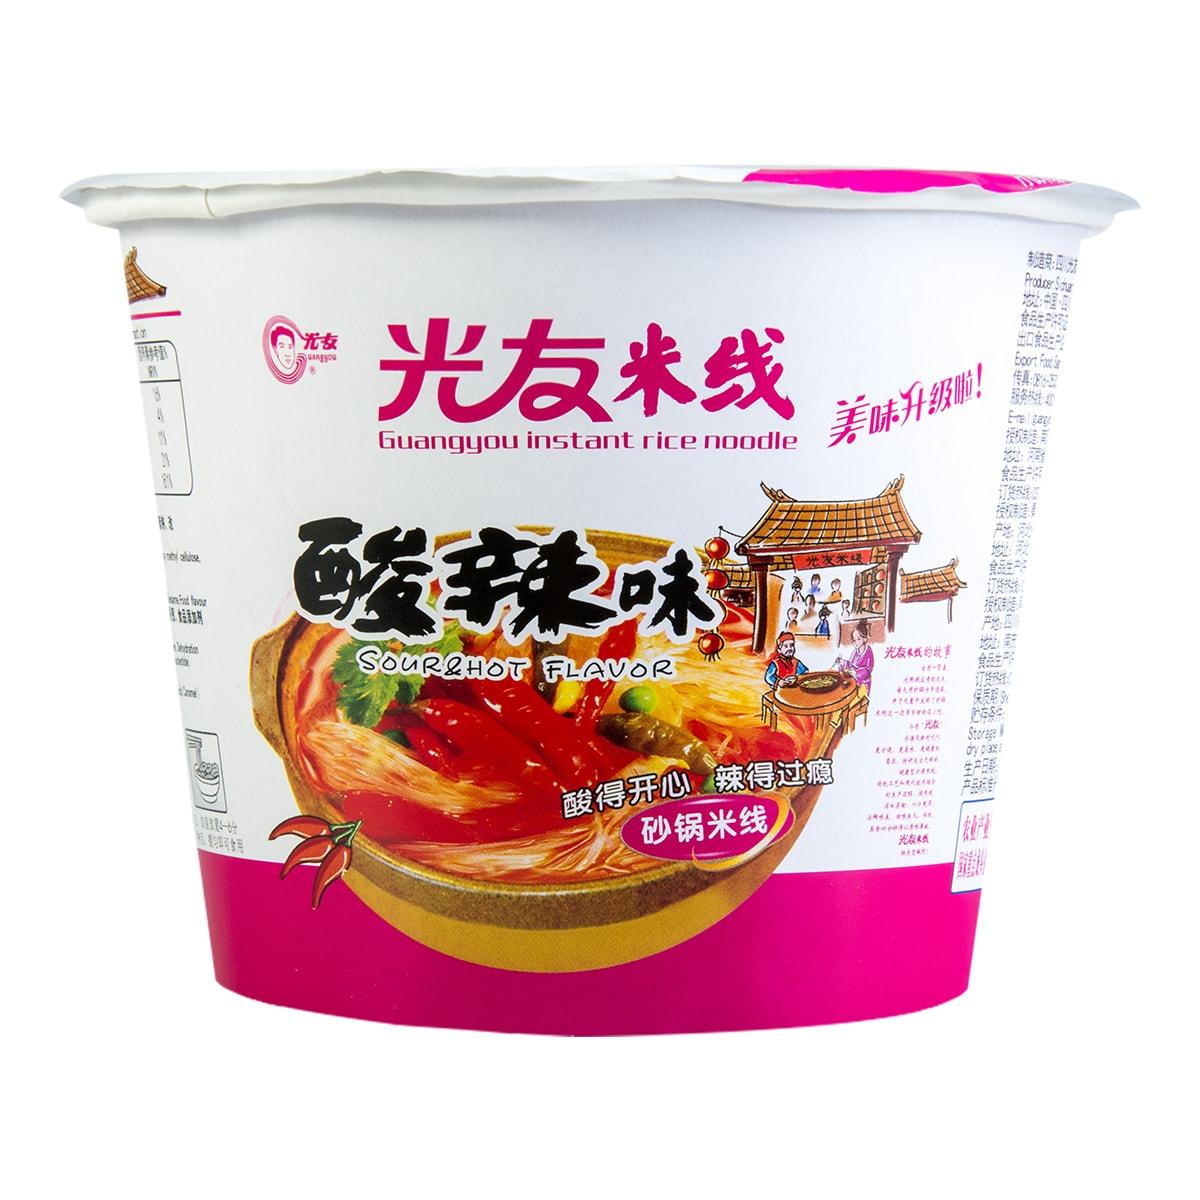 GUANGYOU Instant Rice Noodle Hot & Sour Flavor 100g